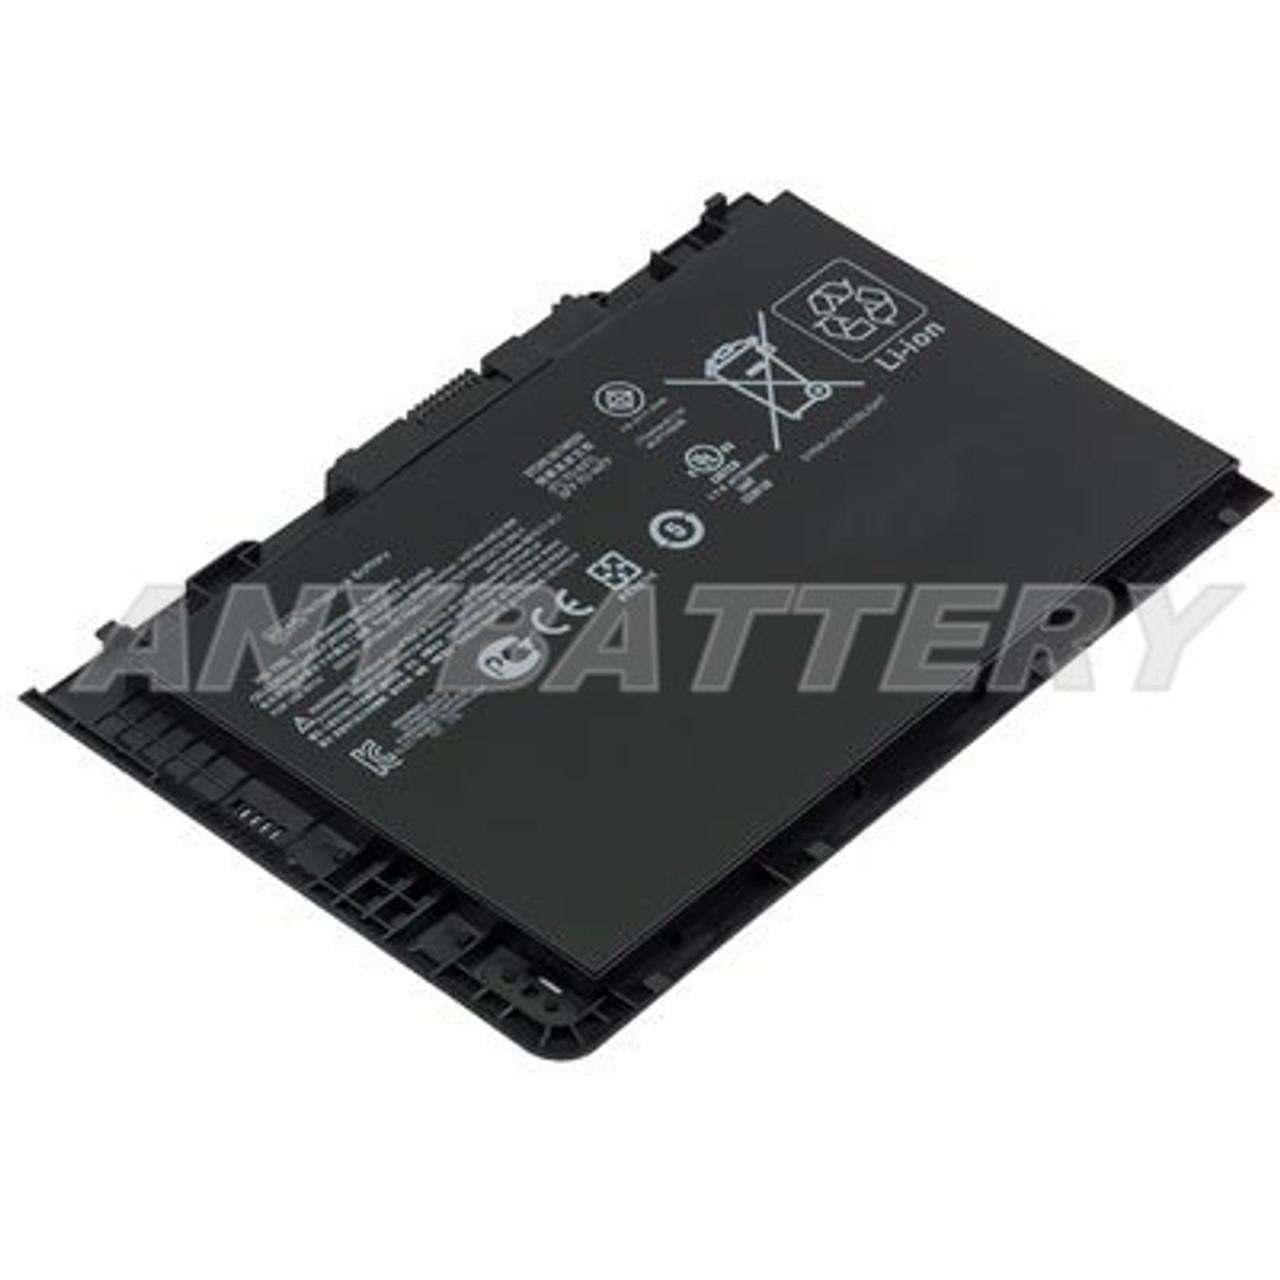 HP EliteBook Series Battery, 68757-2C1, 721895-421, BA06, BA06XL, BT04, BT04XL, H4Q47AA, H4Q48AA, H4Q48UT, HSTNN-DB3Z, HSTNN-LB5B, MA02025XL, HP EliteBook Folio 9470M, HP EliteBook Folio 9480M